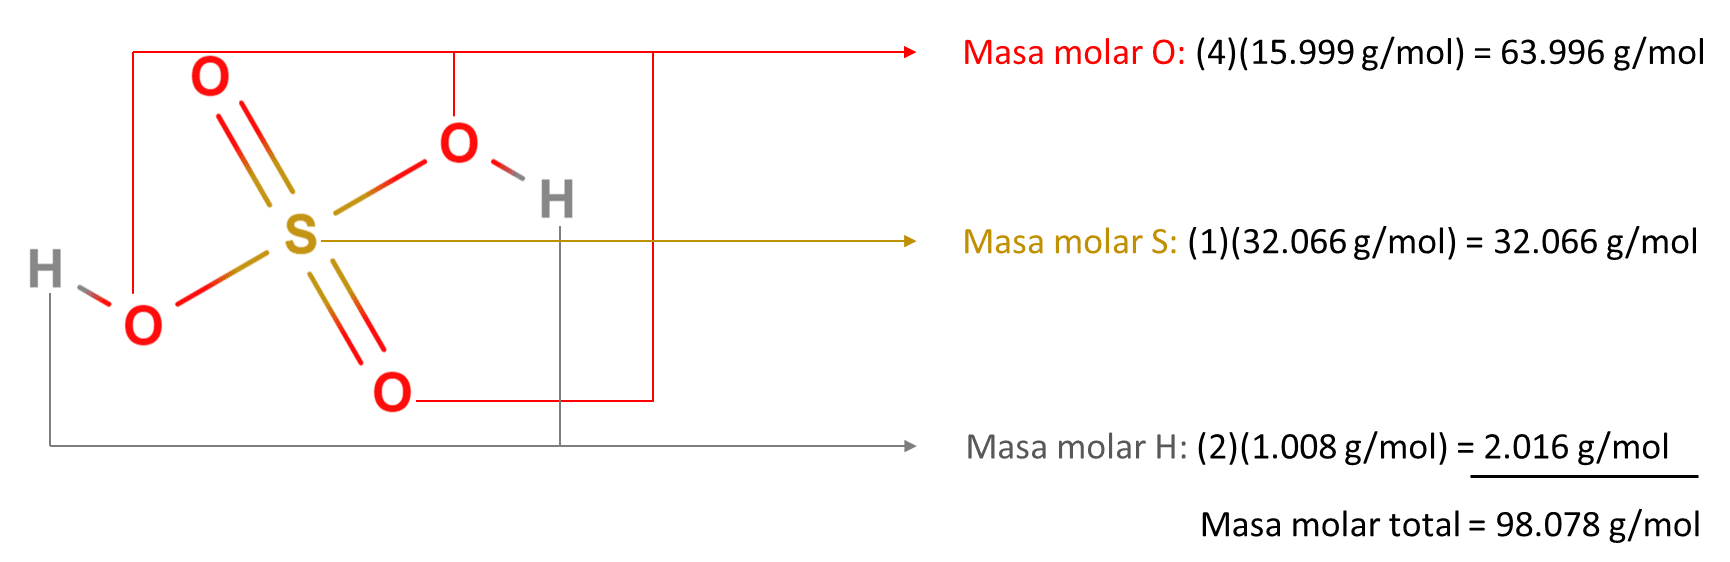 masa molar de H2SO4